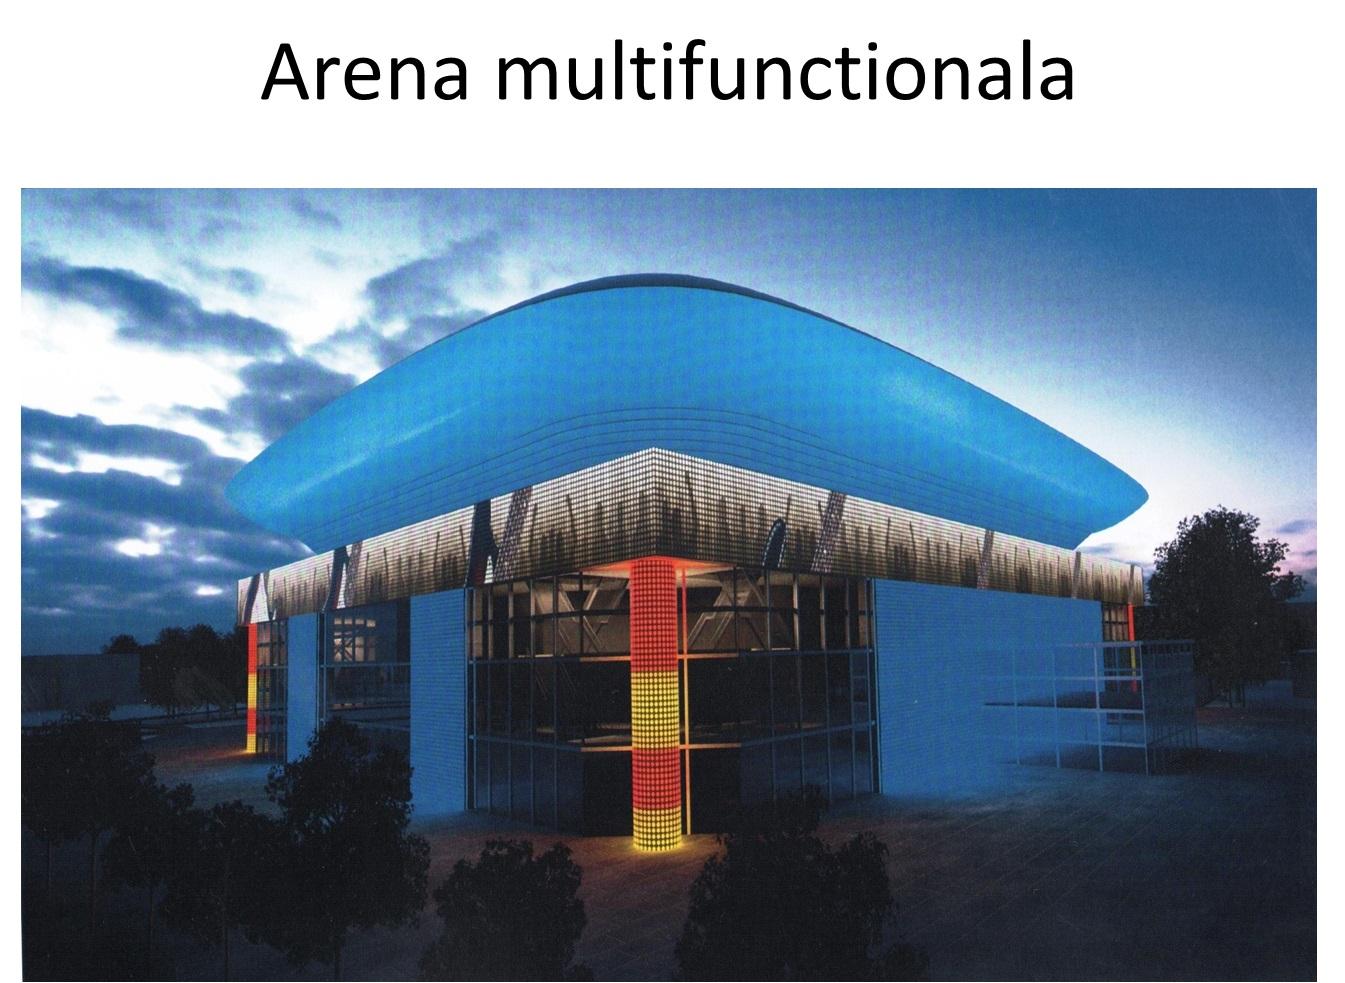 Arena Multifunctionala va fi construita in complexul Lia Manoliu